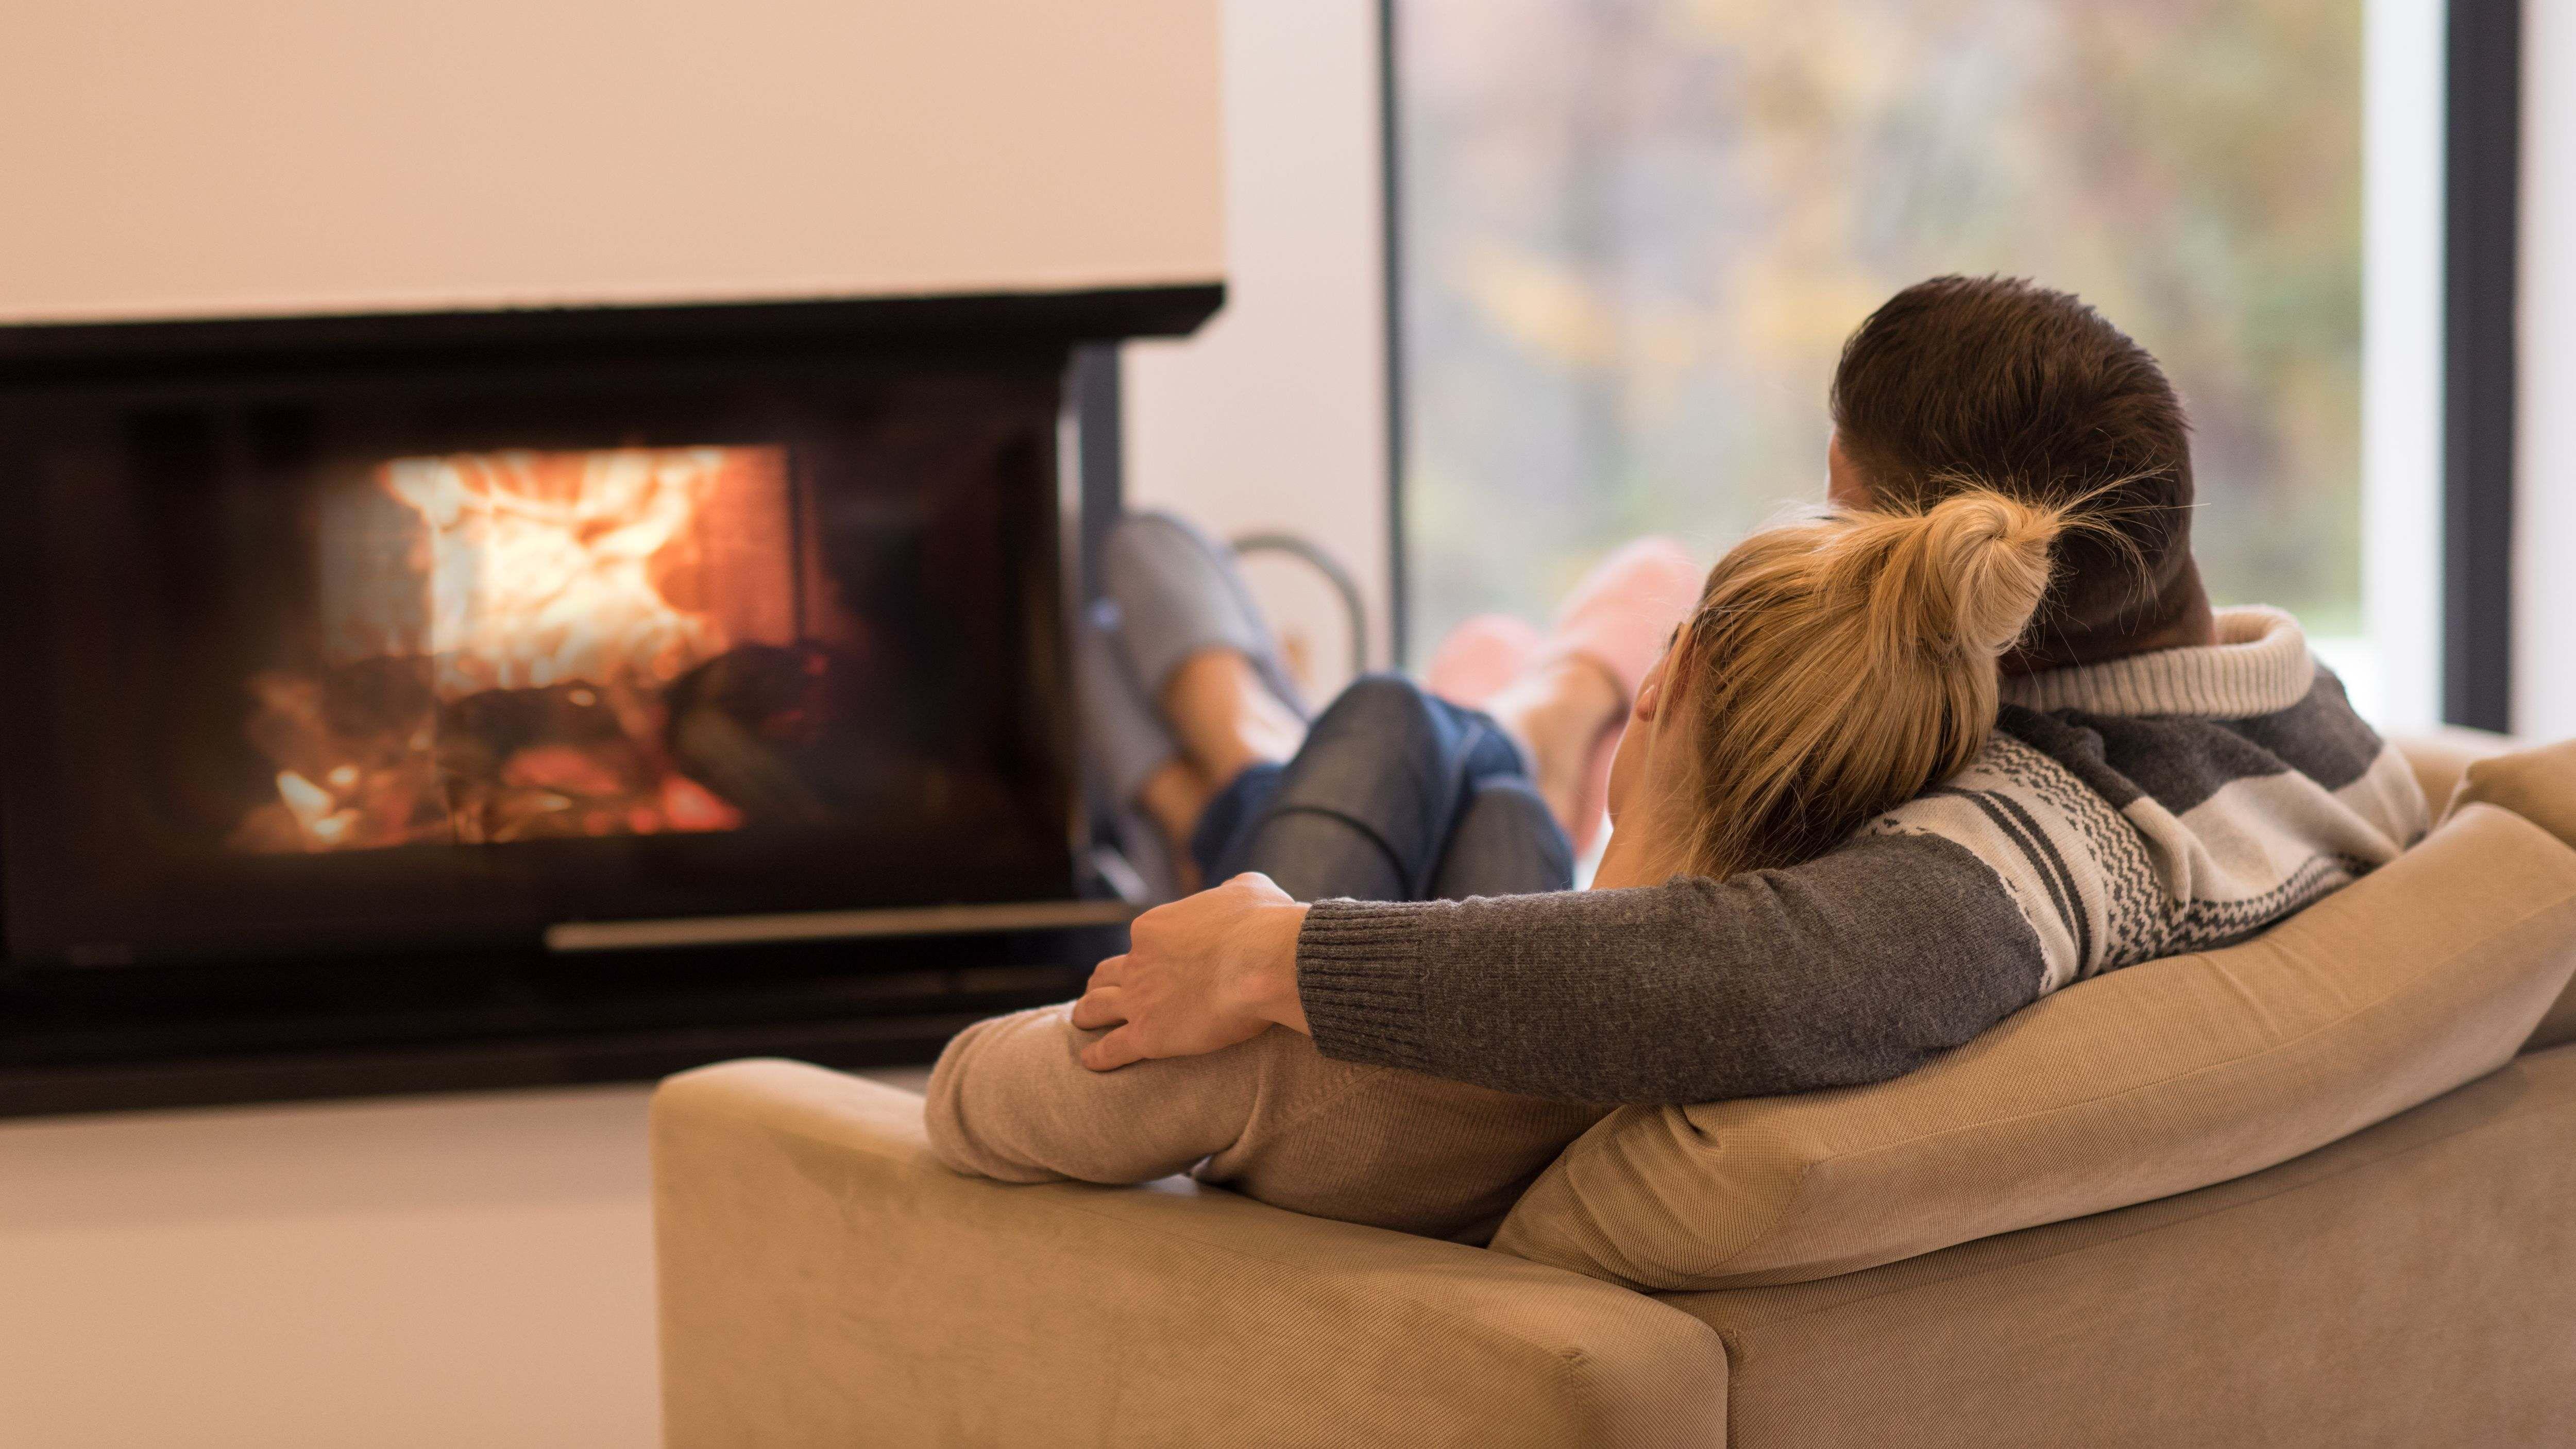 Récupérateur de chaleur : mieux distribuer l'air chaud dans la maison